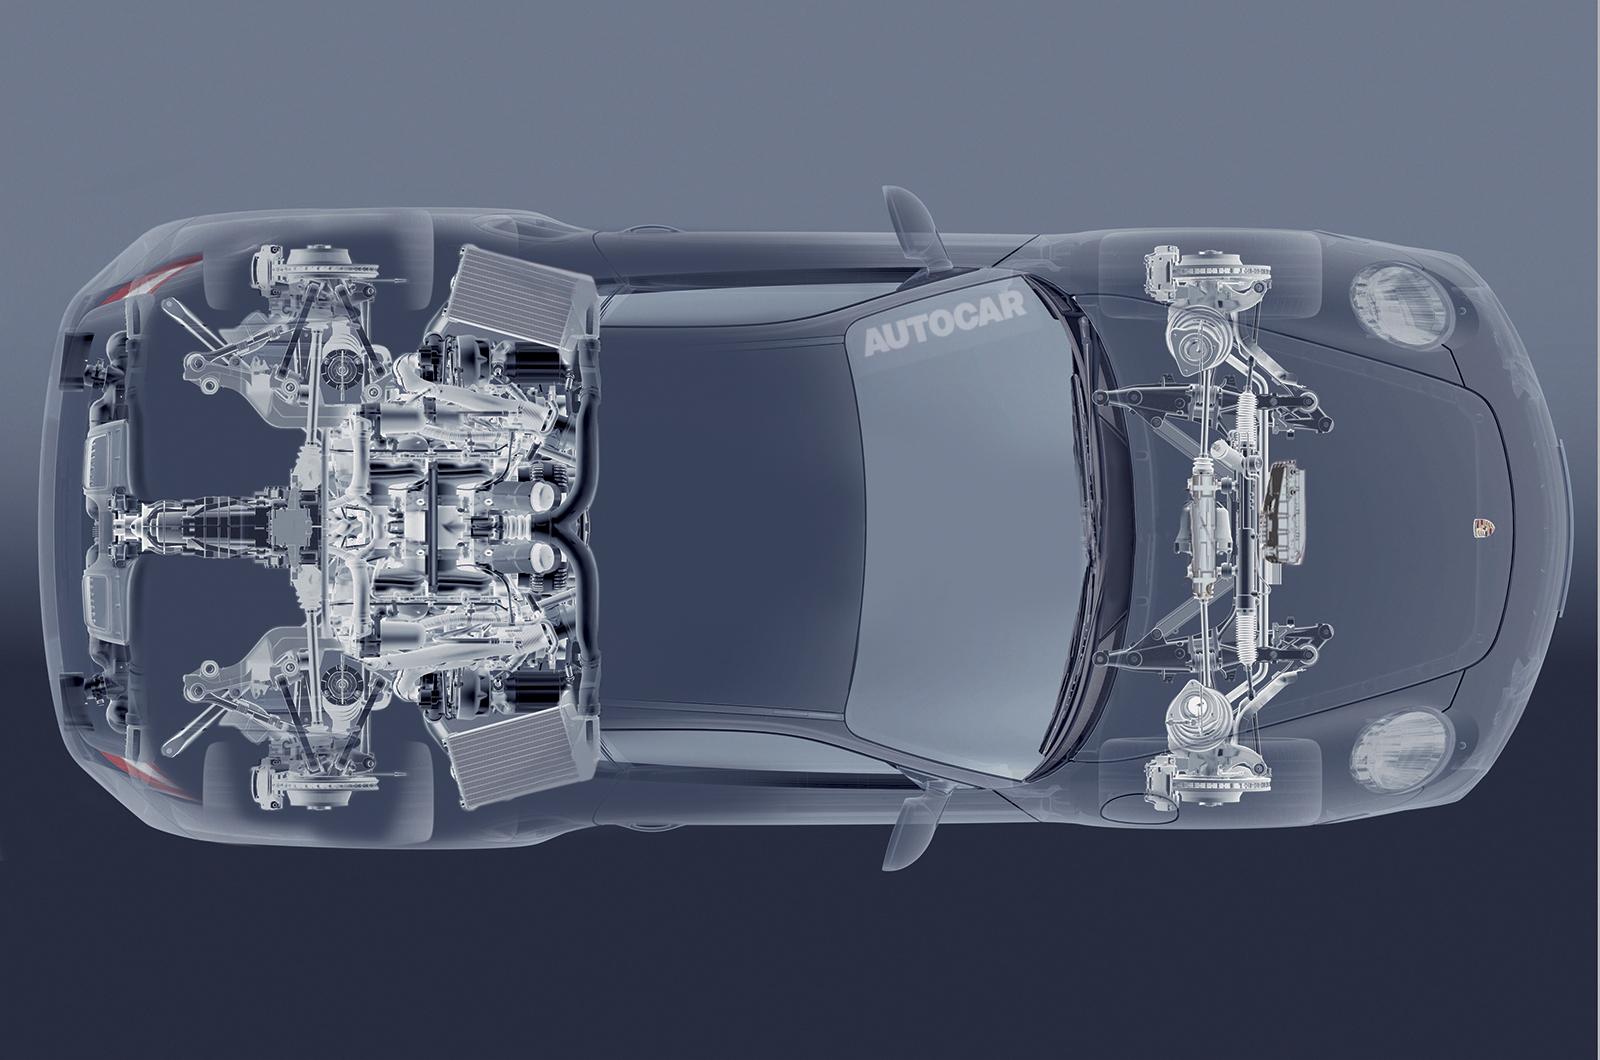 Конструкция Porsche 988 по версии Autocar